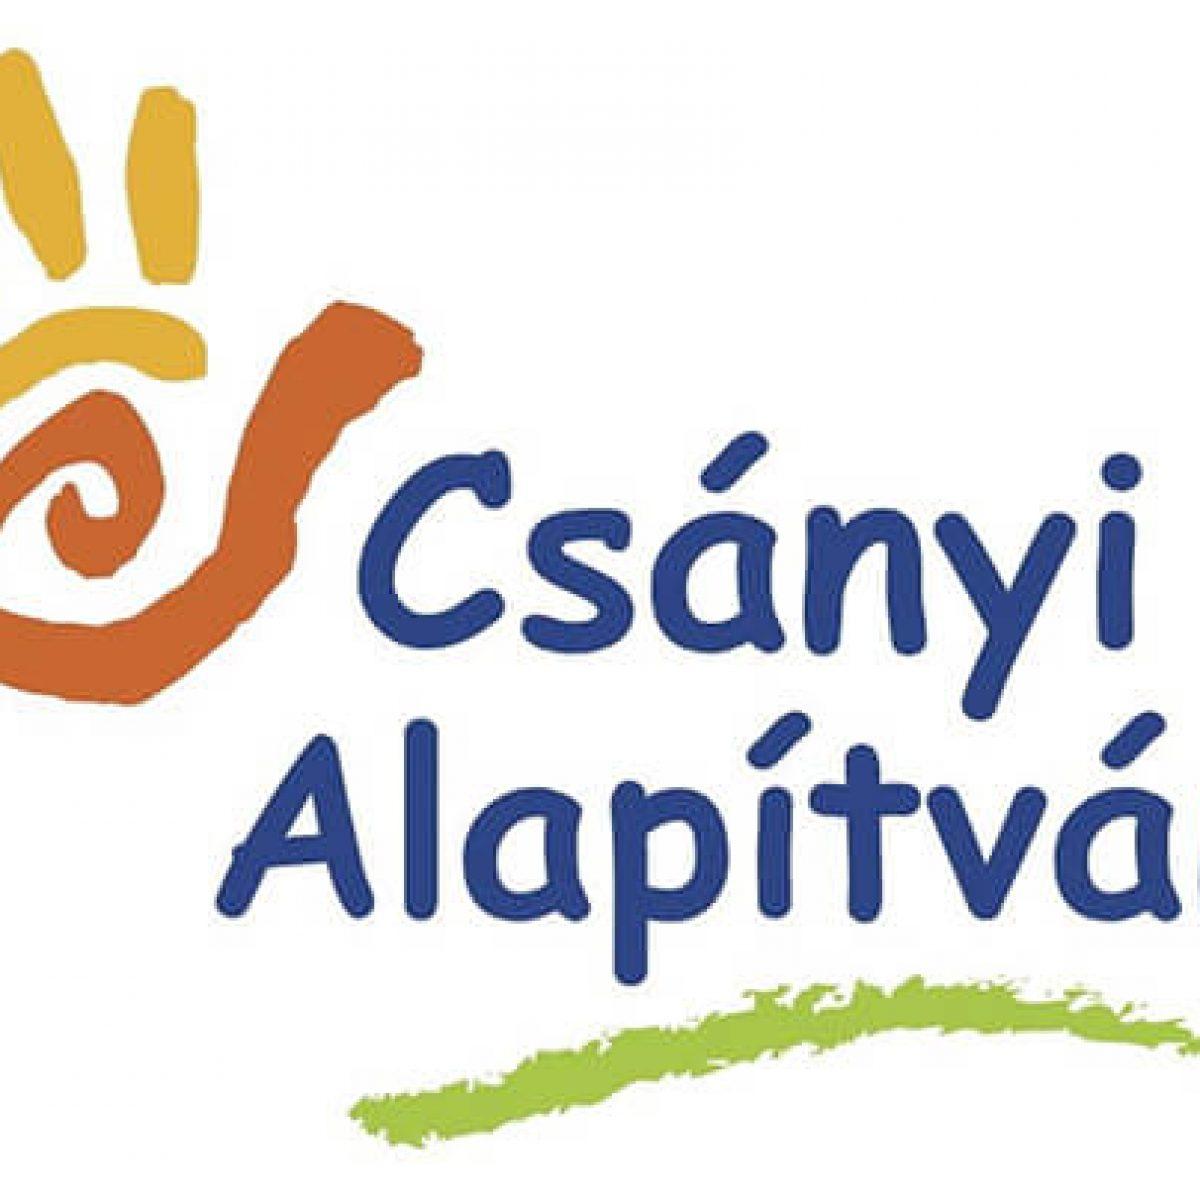 Csányi alapítvány logó